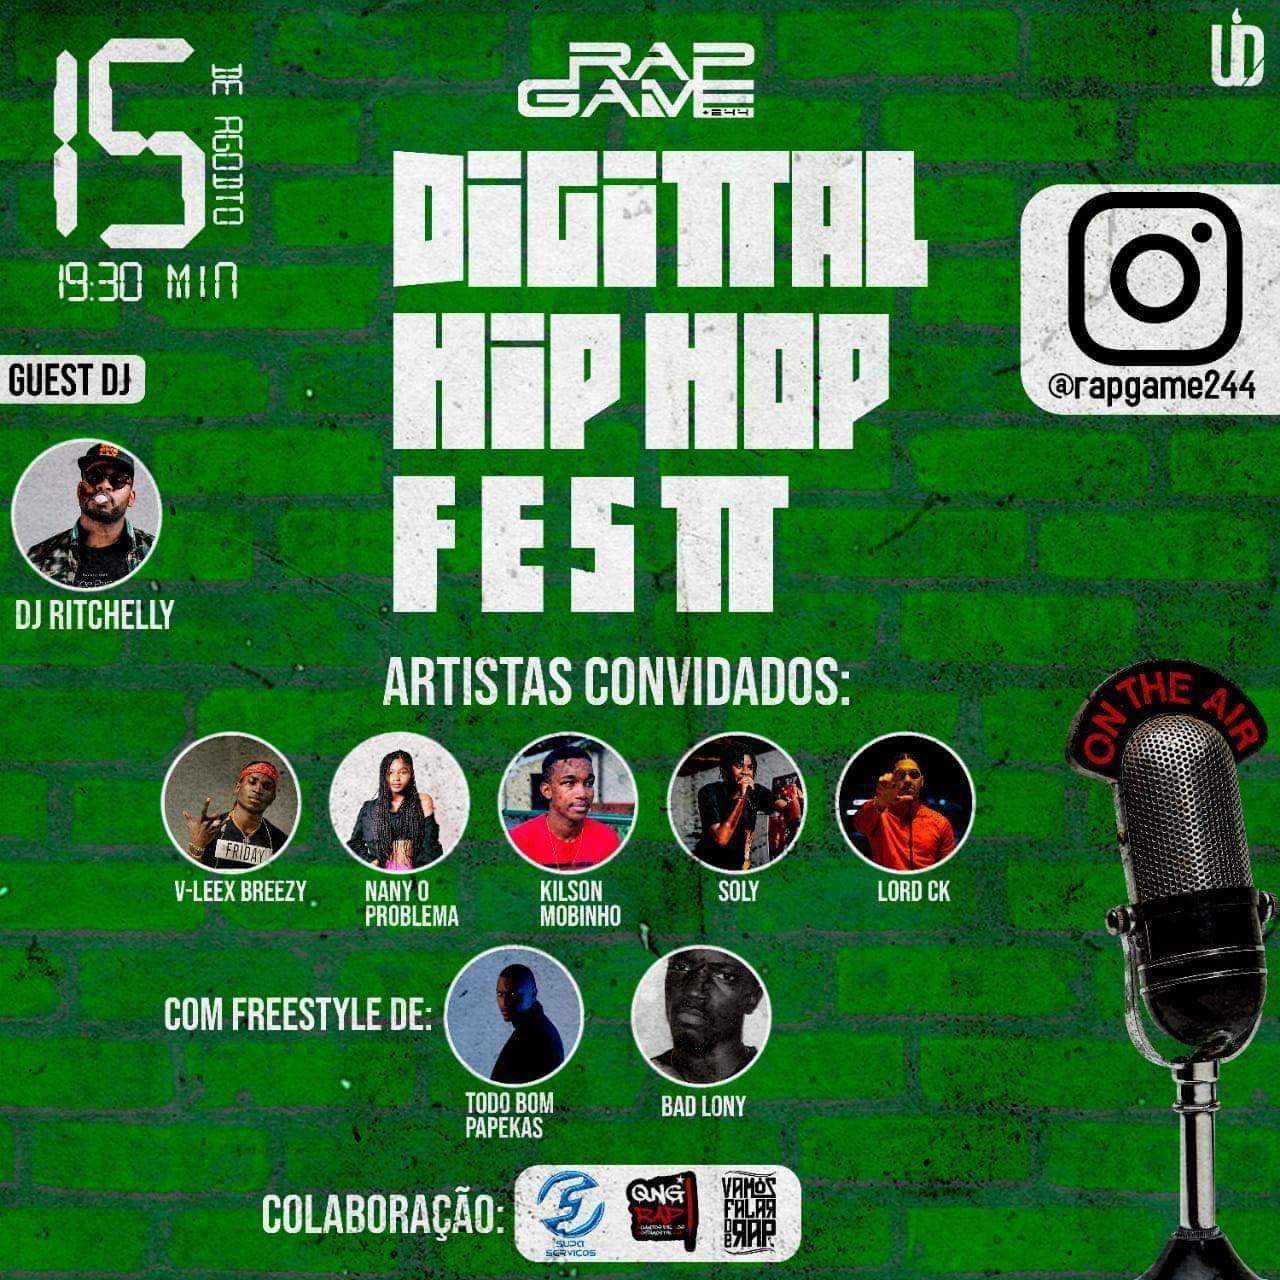 RapGame +244 realiza Show live Hip-Hop com Dj Ritchelly, Soly, Kilson Mobinho, Bad Lony, V-lex e Nany.